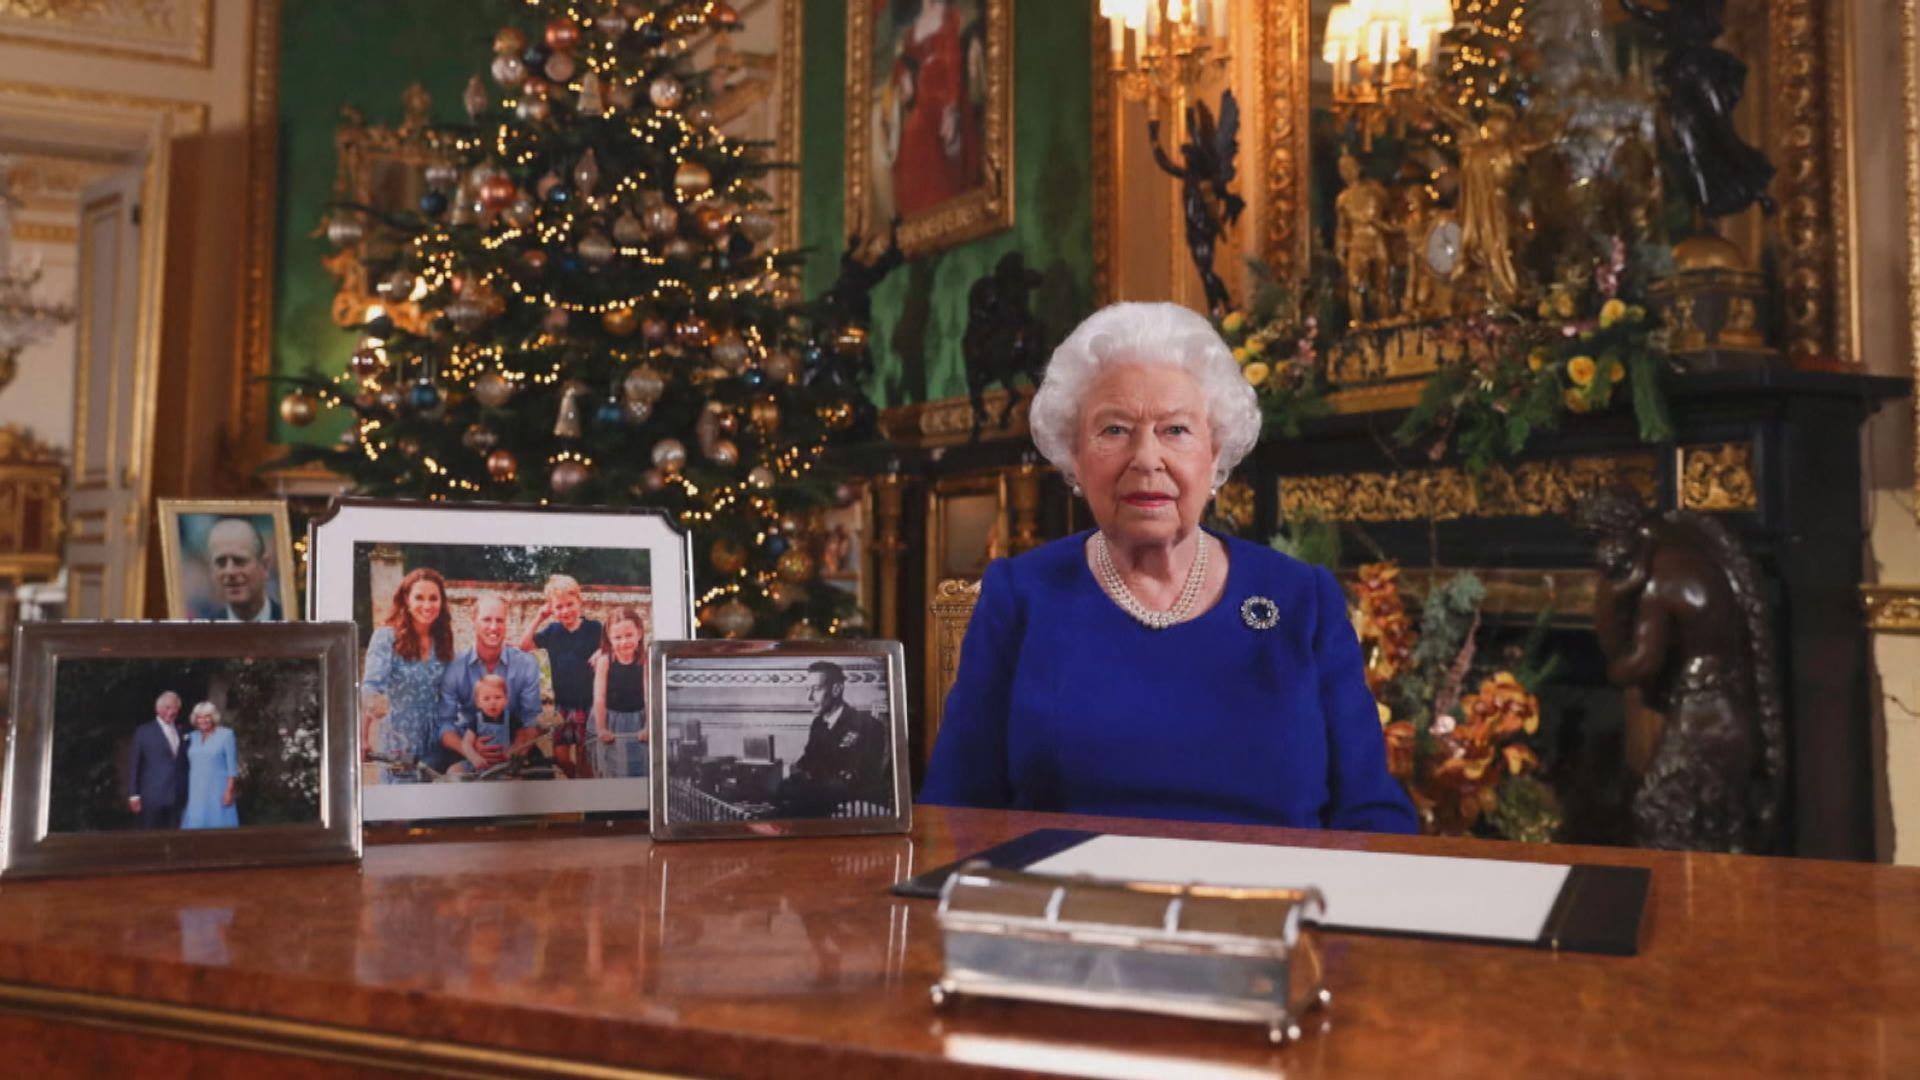 英女王聖誕文告承認走過崎嶇路